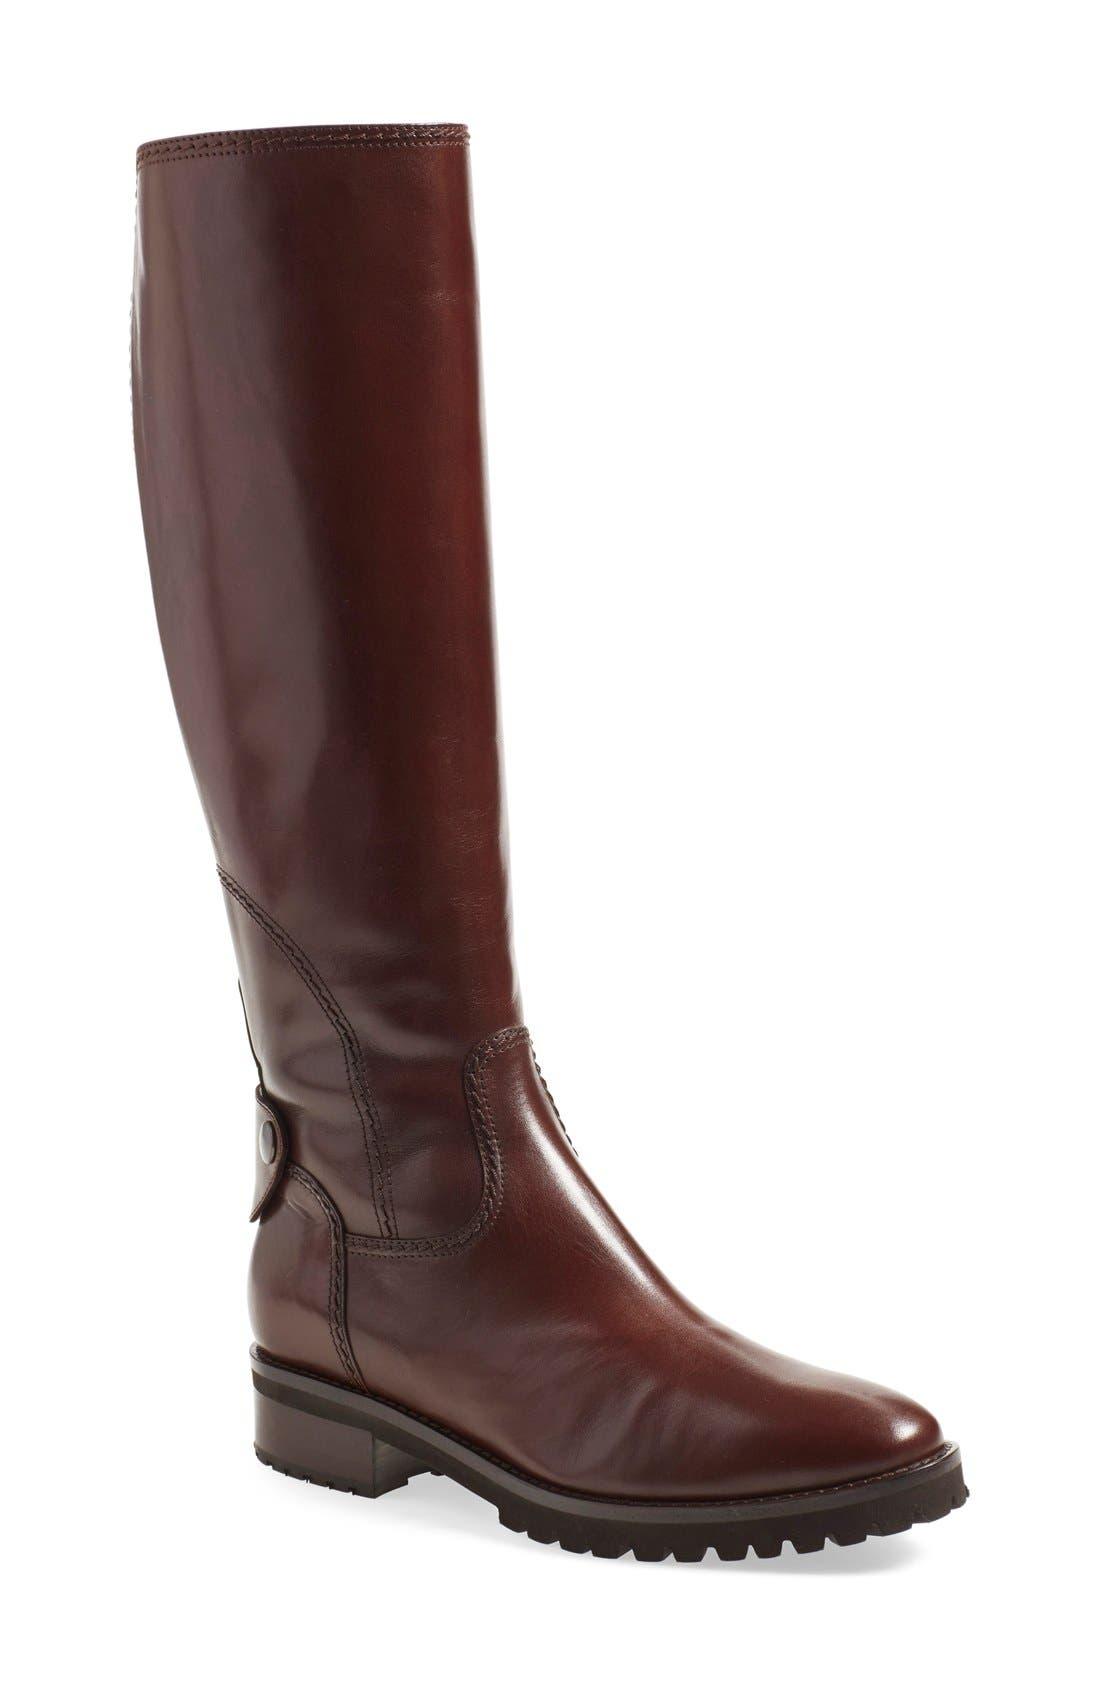 Main Image - AnyiLu 'Amber' Tall Boot (Women)